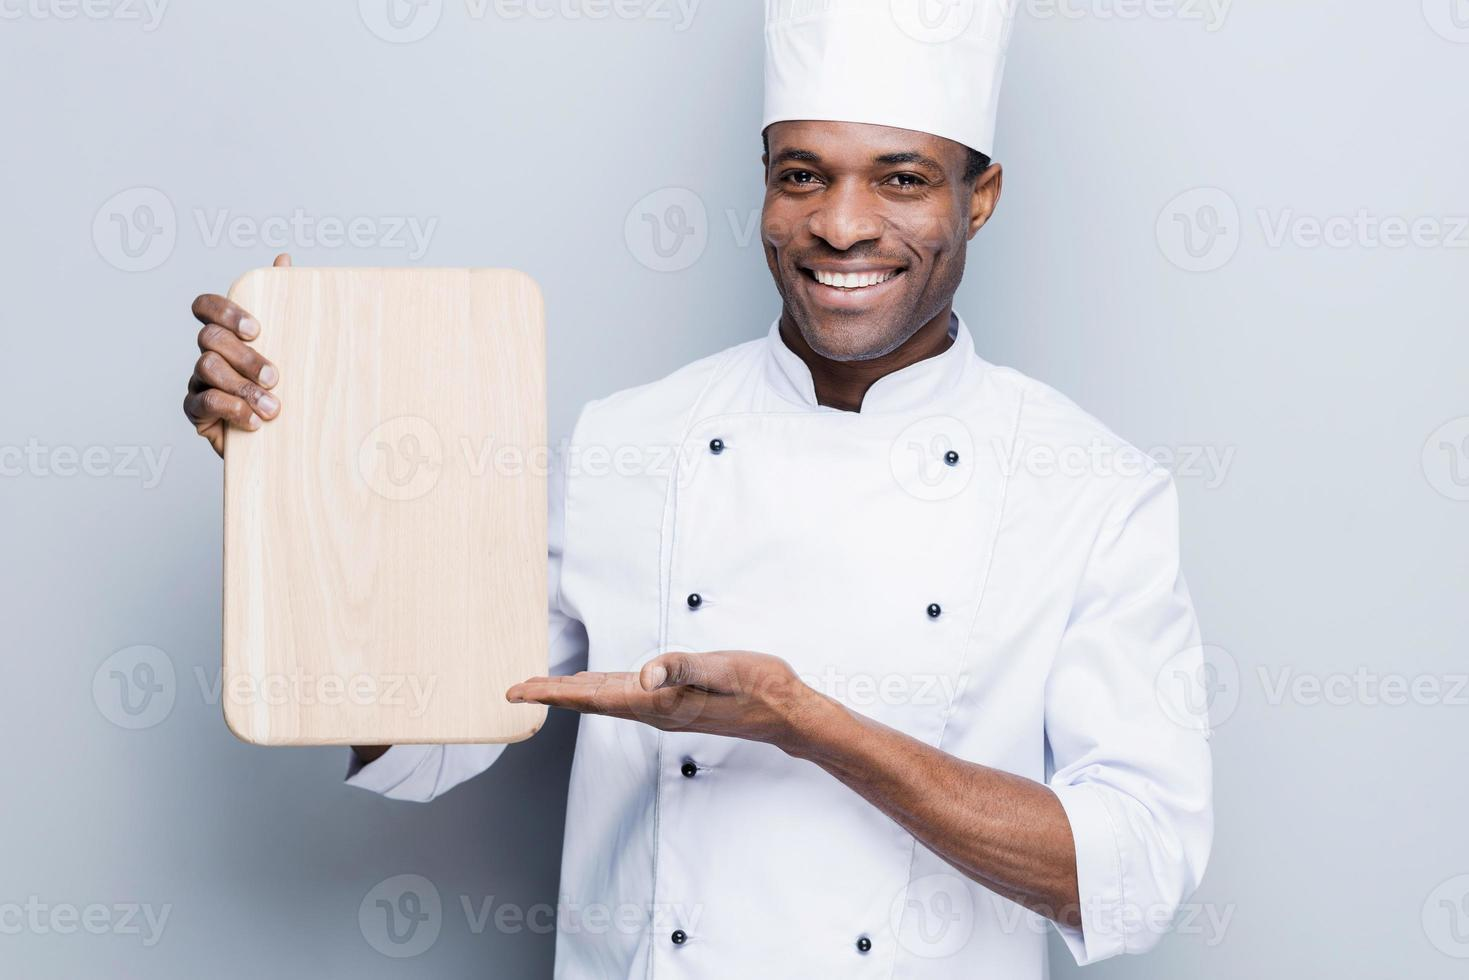 oferta especial do chef. foto